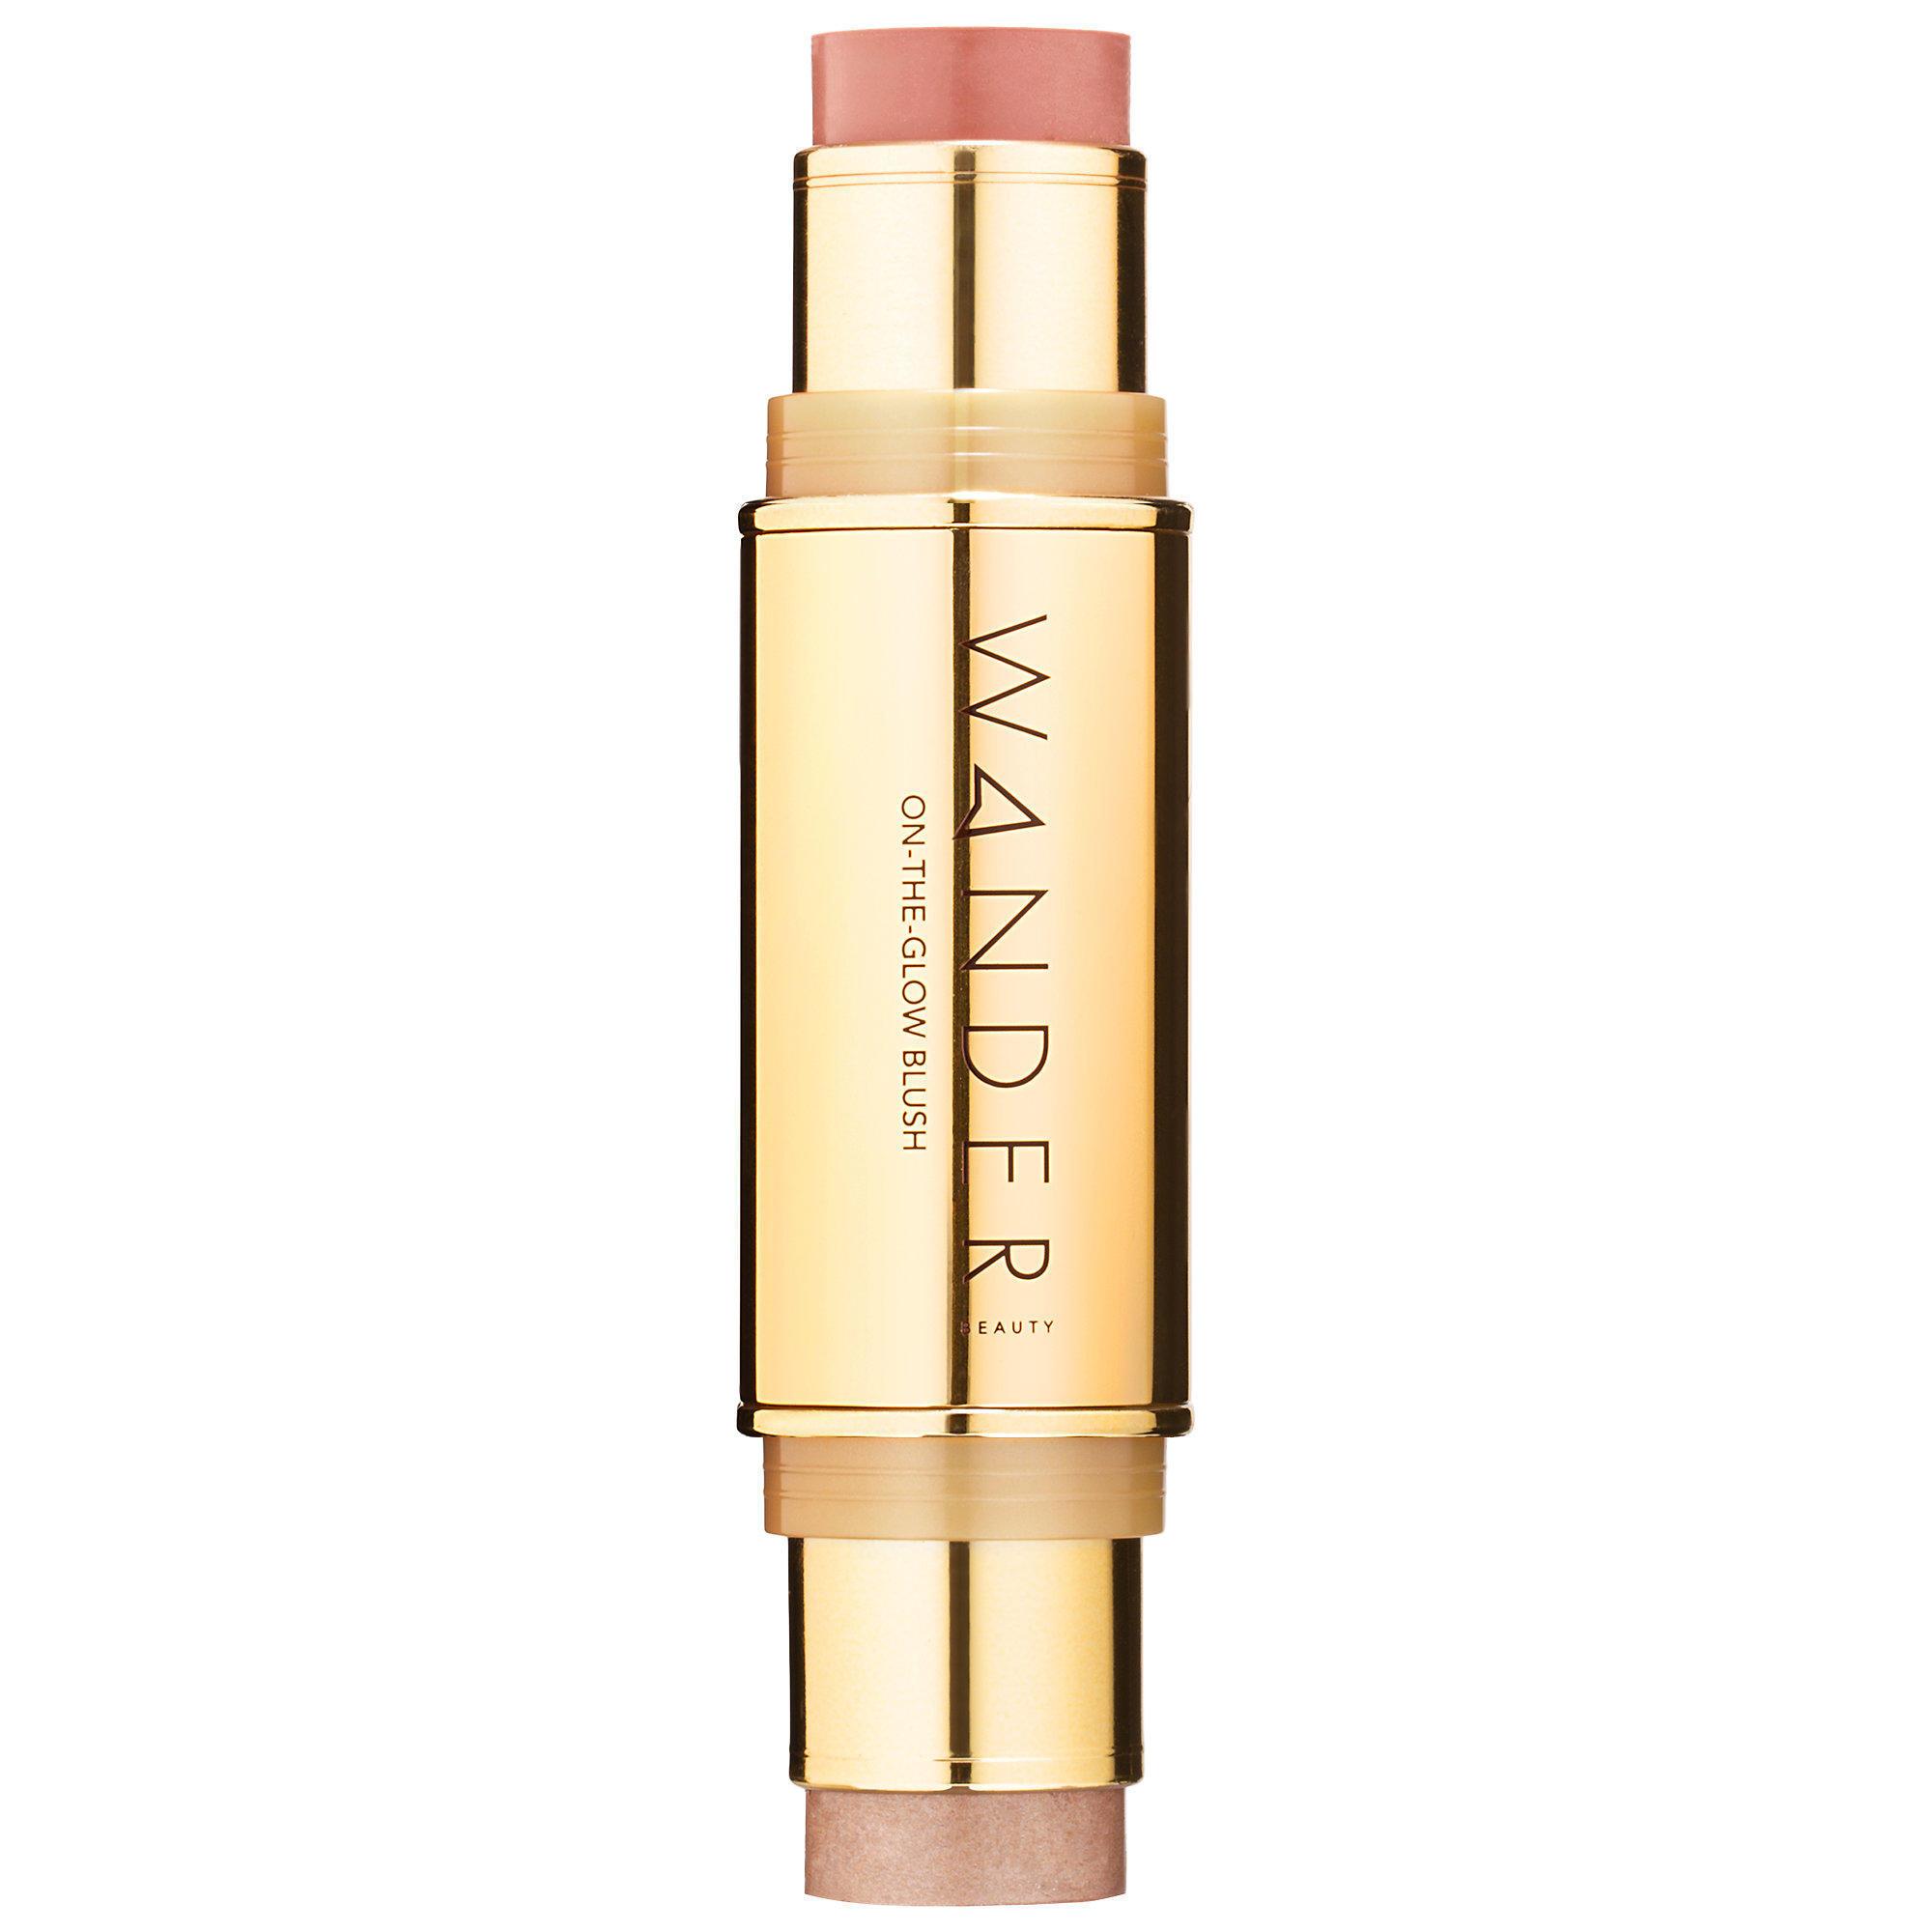 Wander Beauty On-The-Glow Blush and Illuminator Soft Pink / Nude Glow